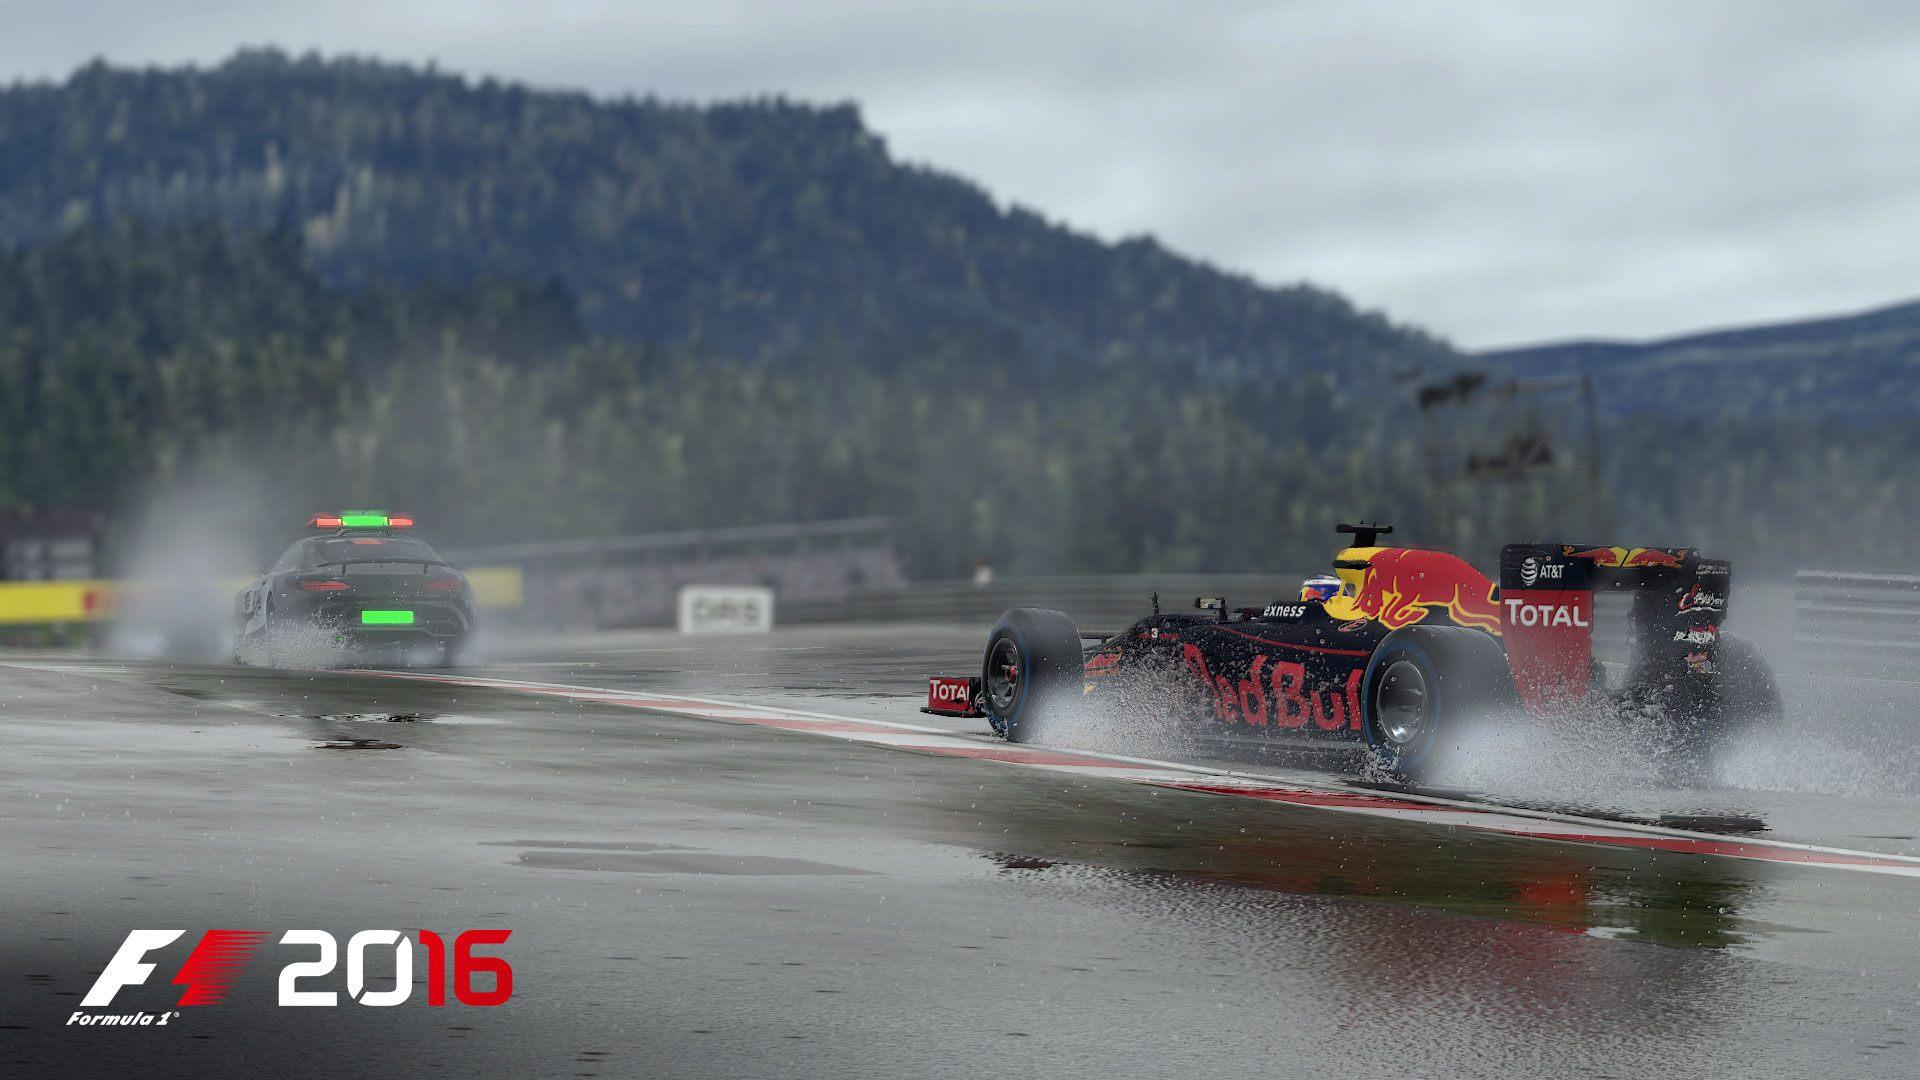 F1 2016 Screenshot 1